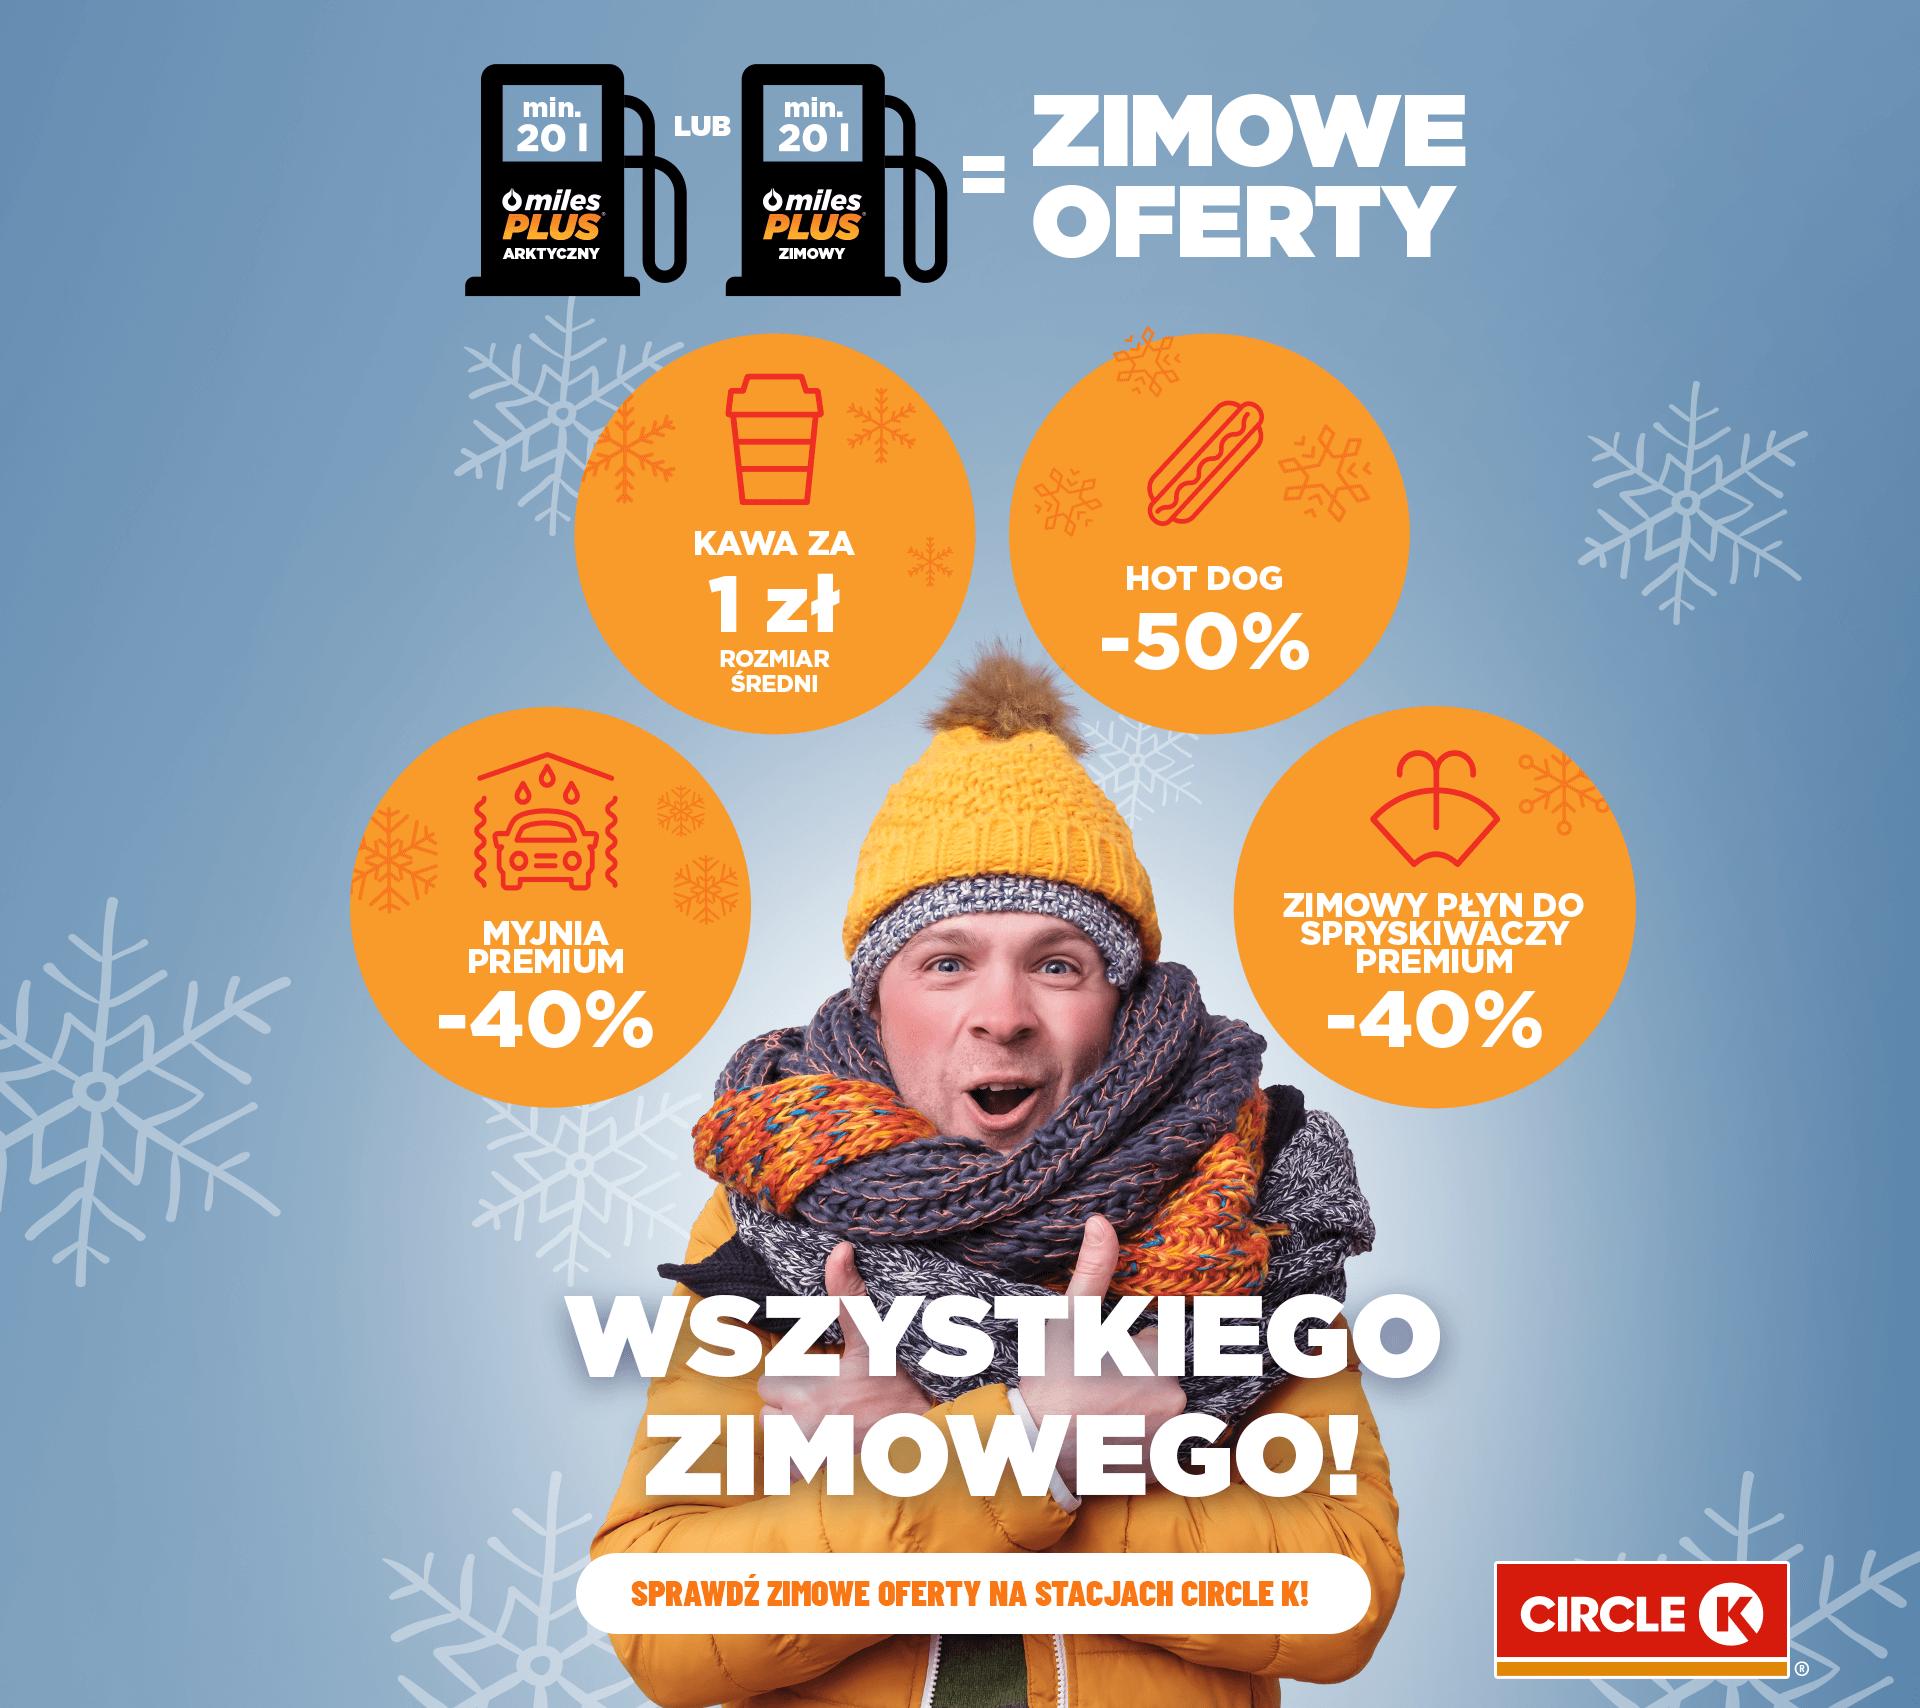 Zimowe oferty na stacjach Circle K